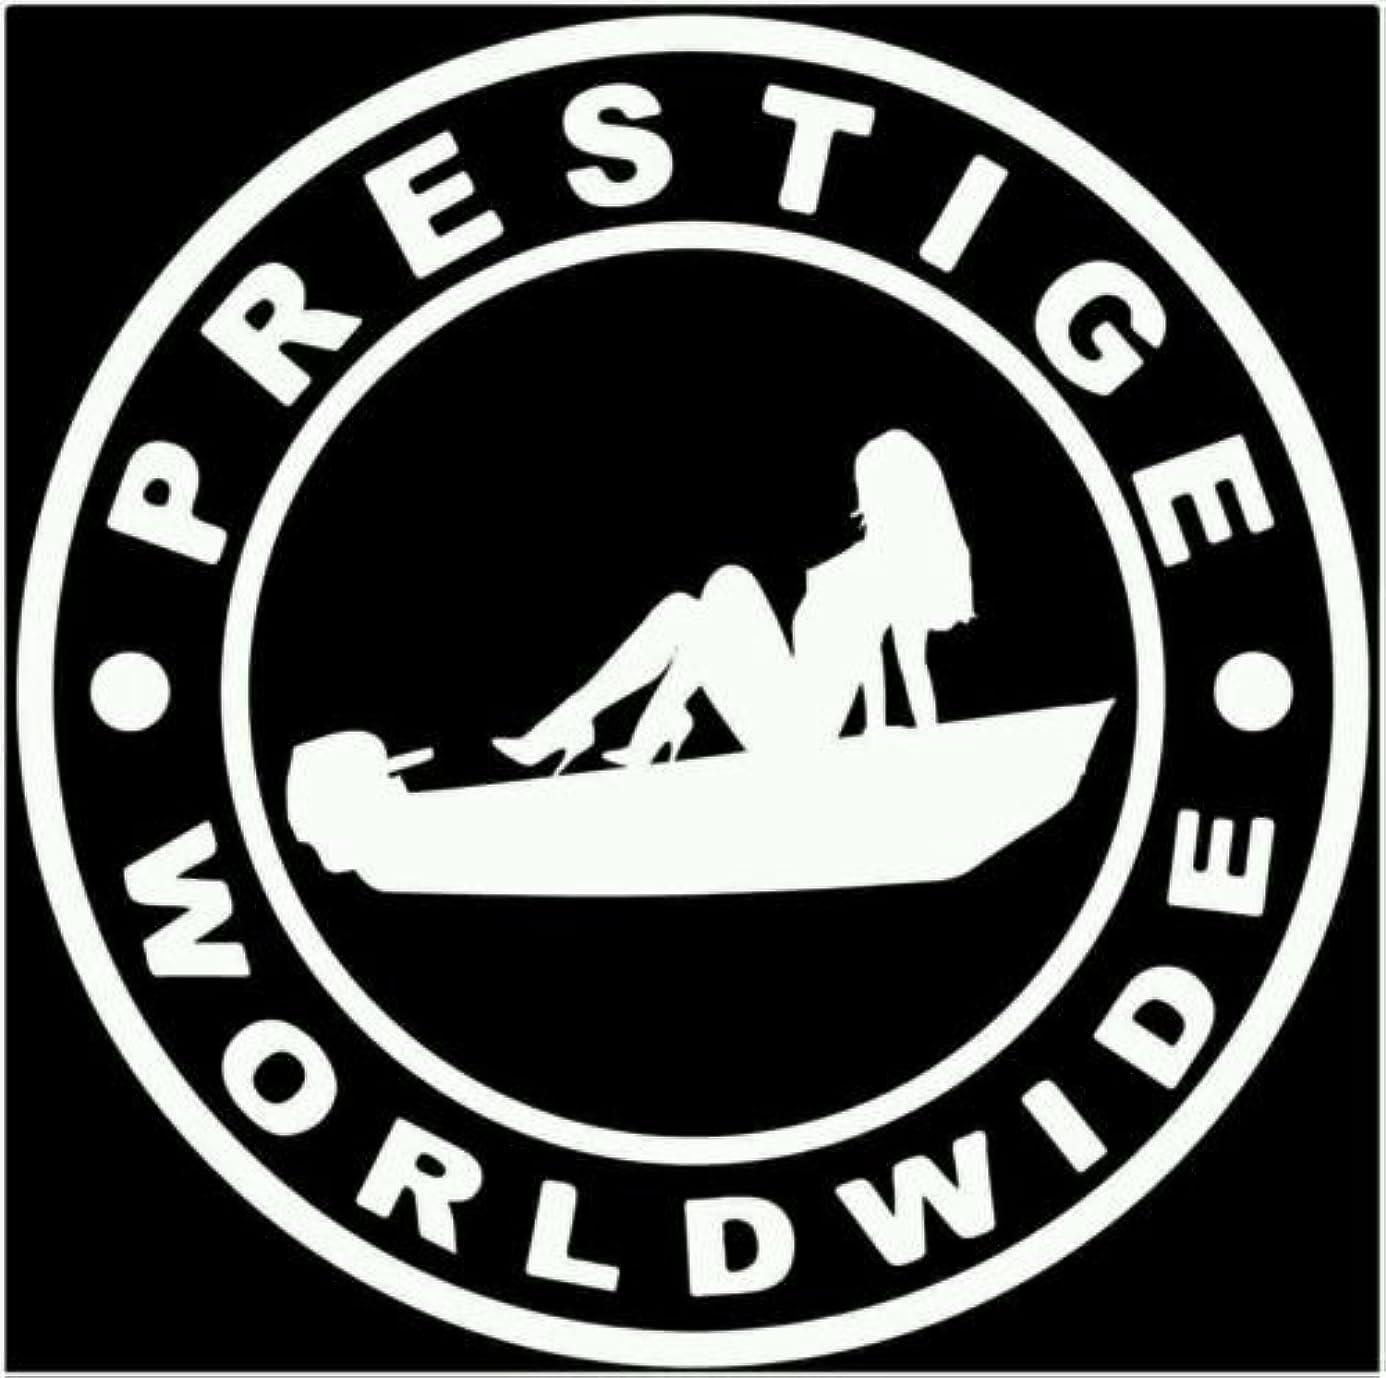 Prestige worldwide boats and hoes Jon boat skiff decal sticker